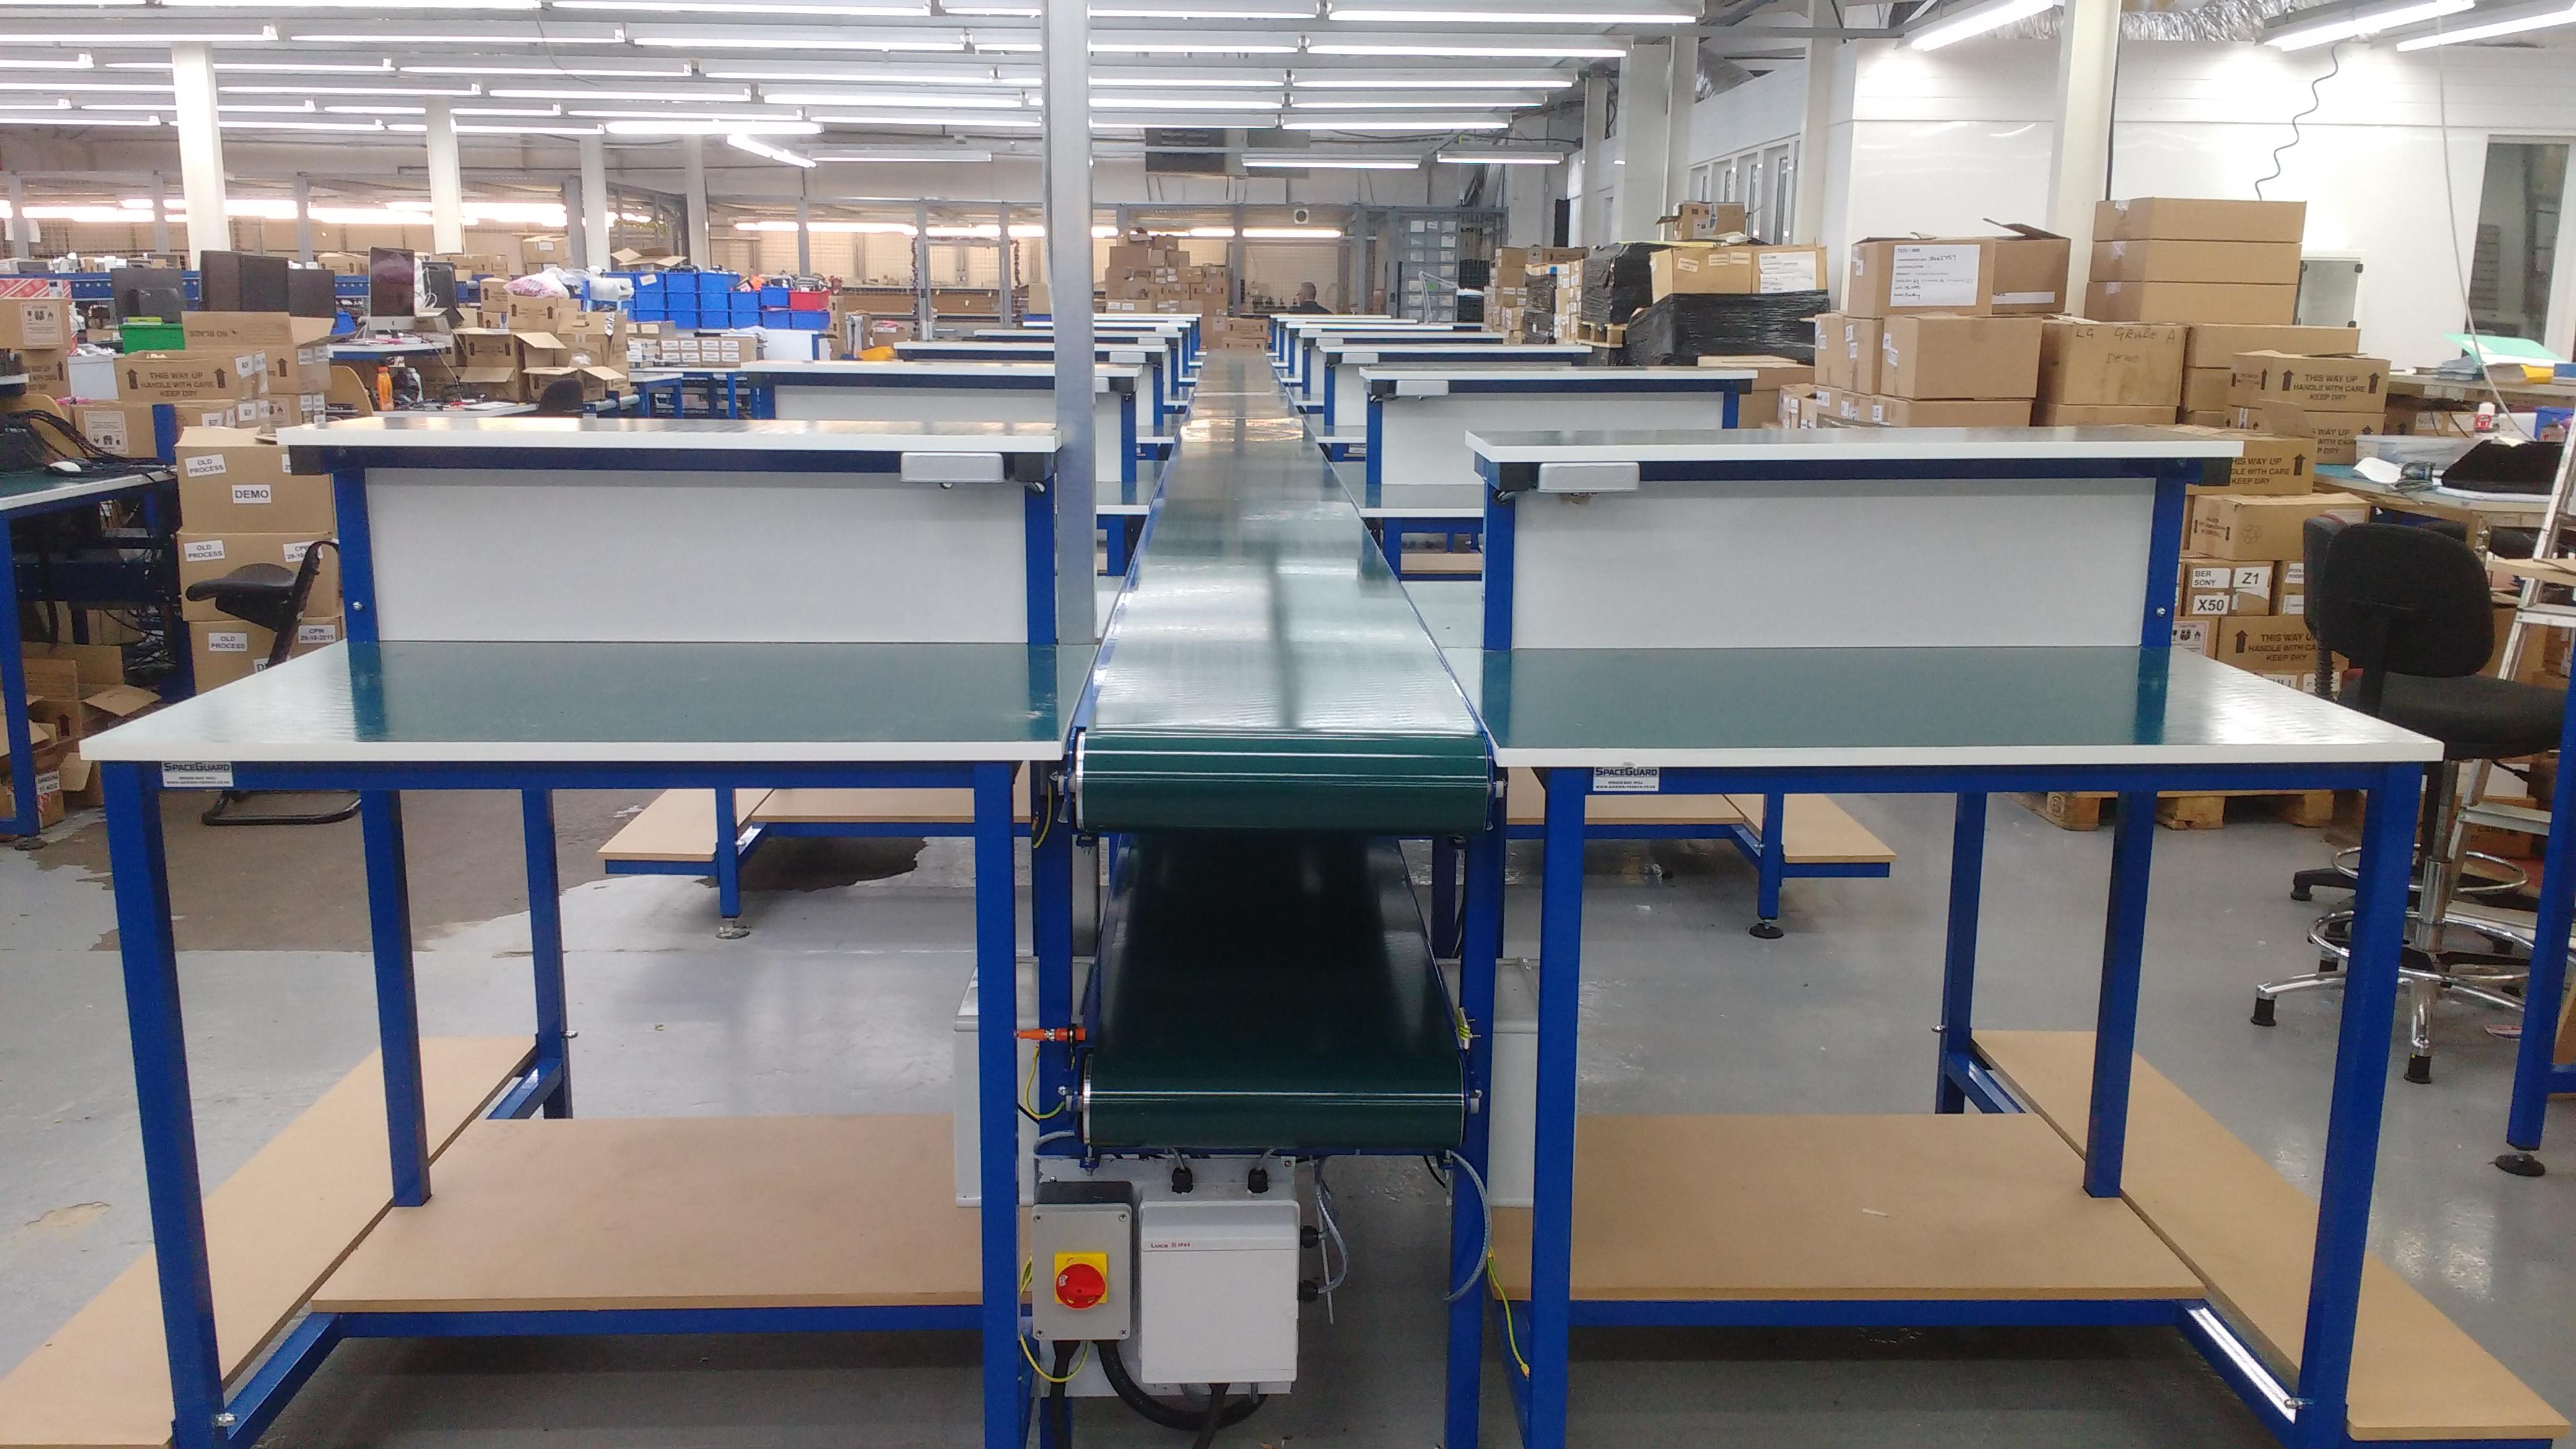 Conveyor repair line